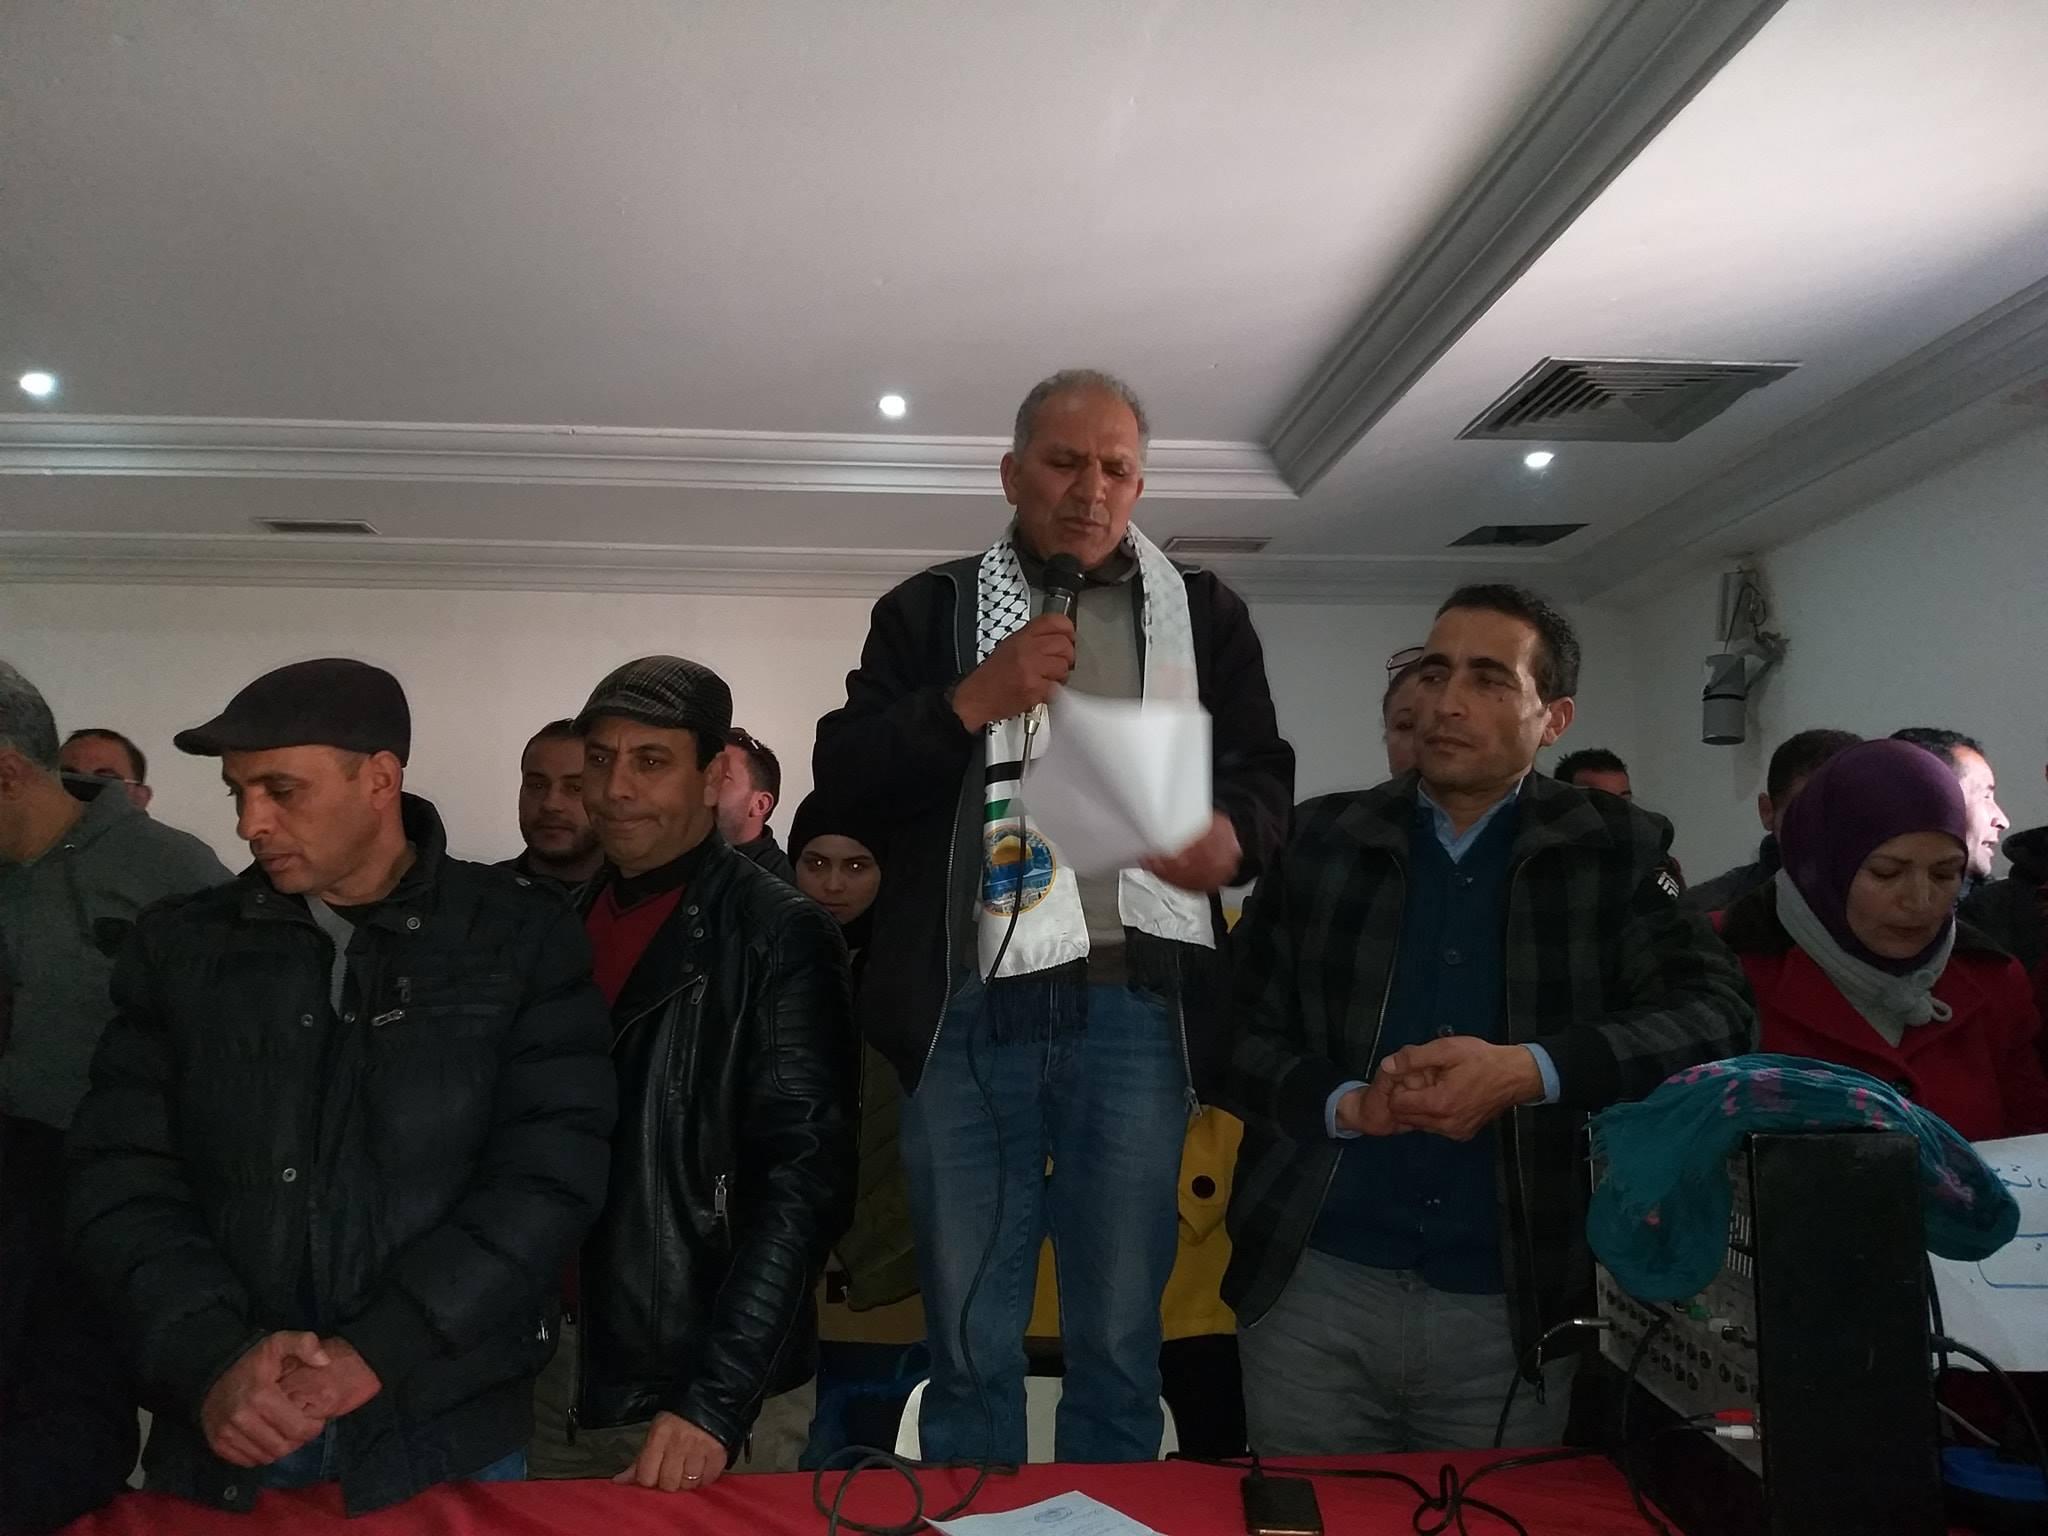 نبيل الهواشي : إضراب المعلمين في 6 من شهر مارس القادم ما يزال قائما.